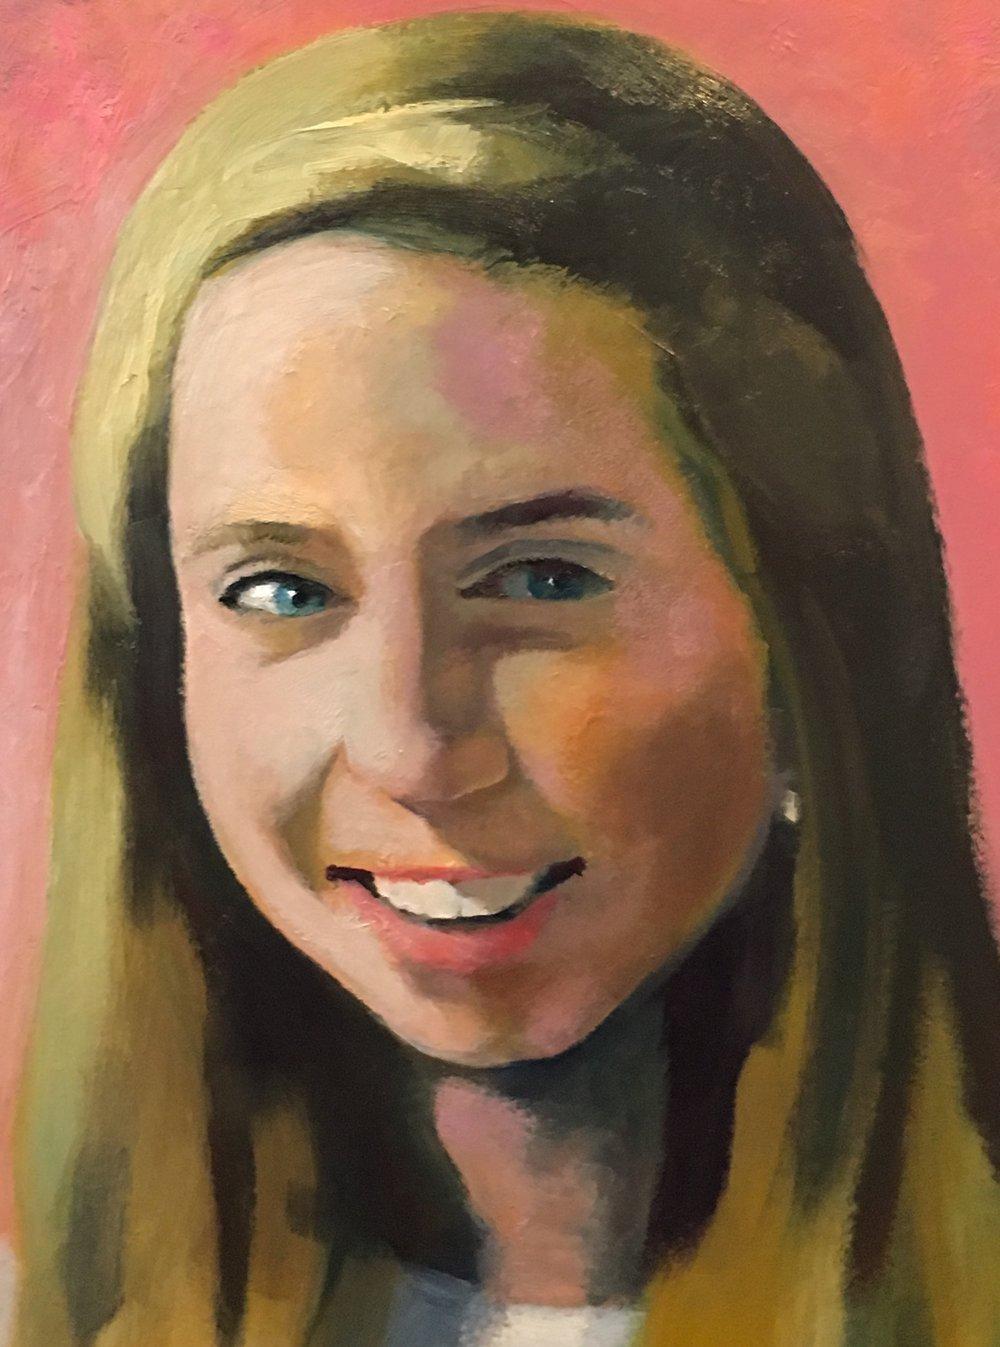 Julia Scoper